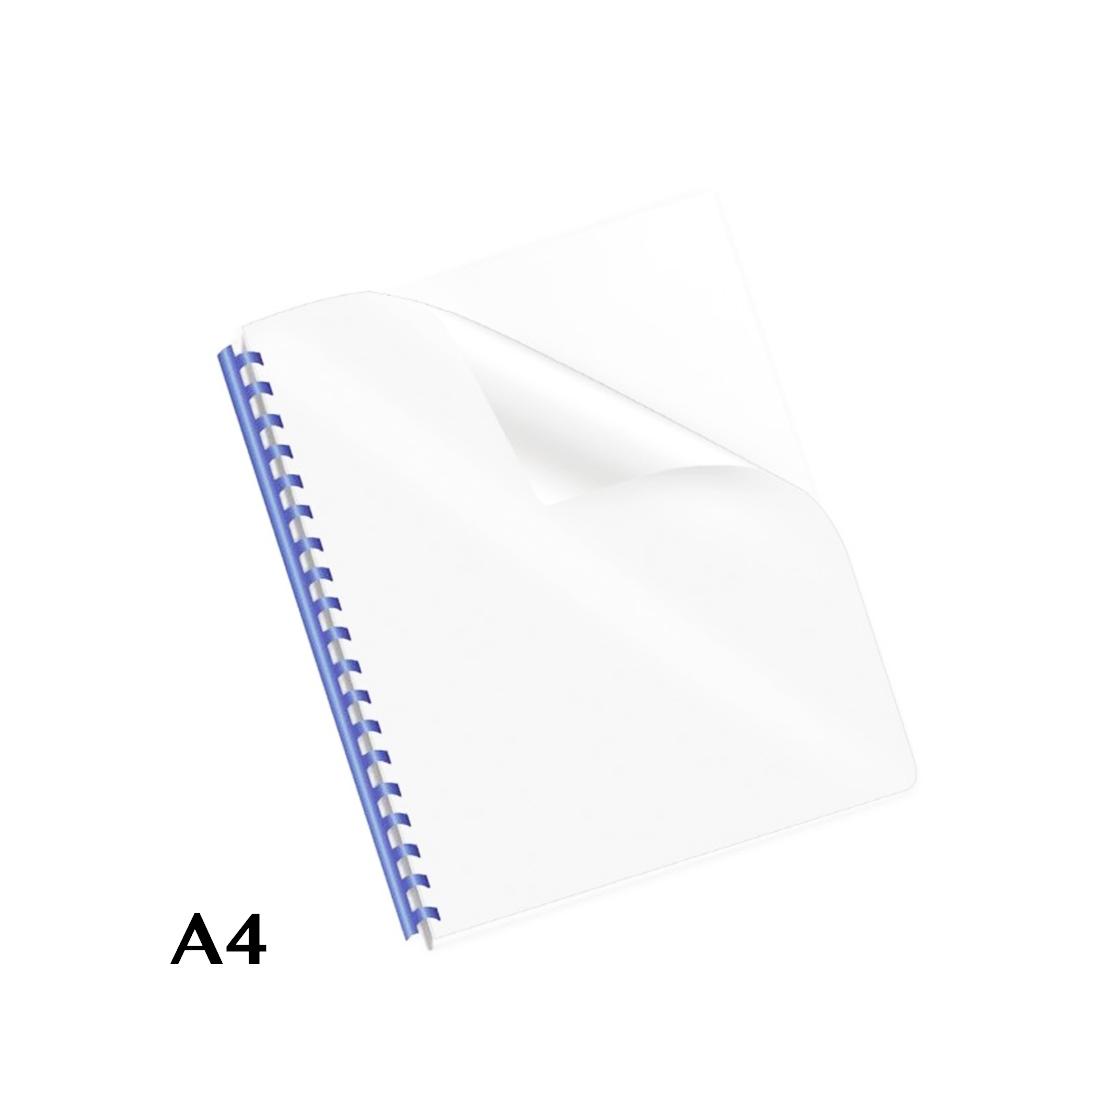 QUADRANTI IN PVC A4 30/100 100pz 30 MICRON